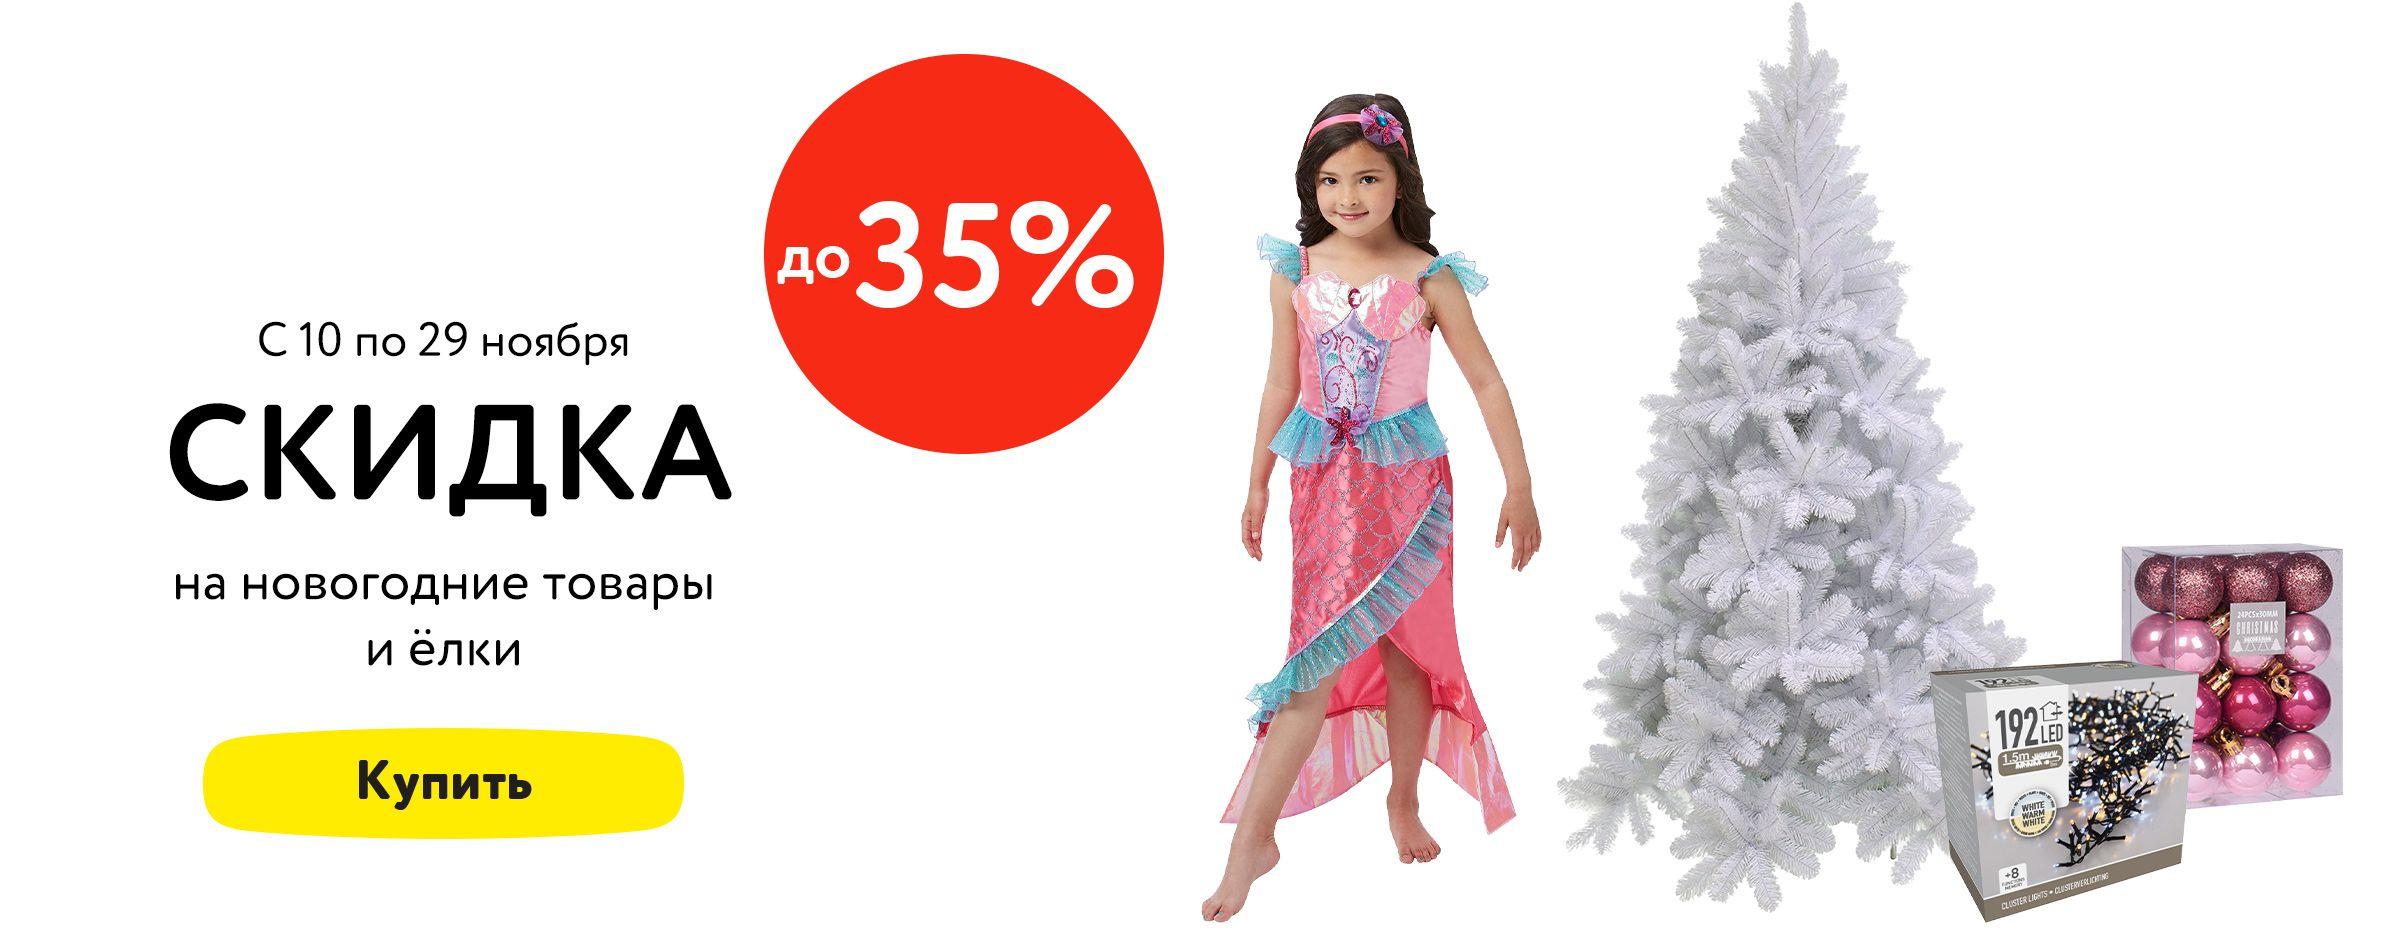 Скидки до 35% на новогодние товары и елки